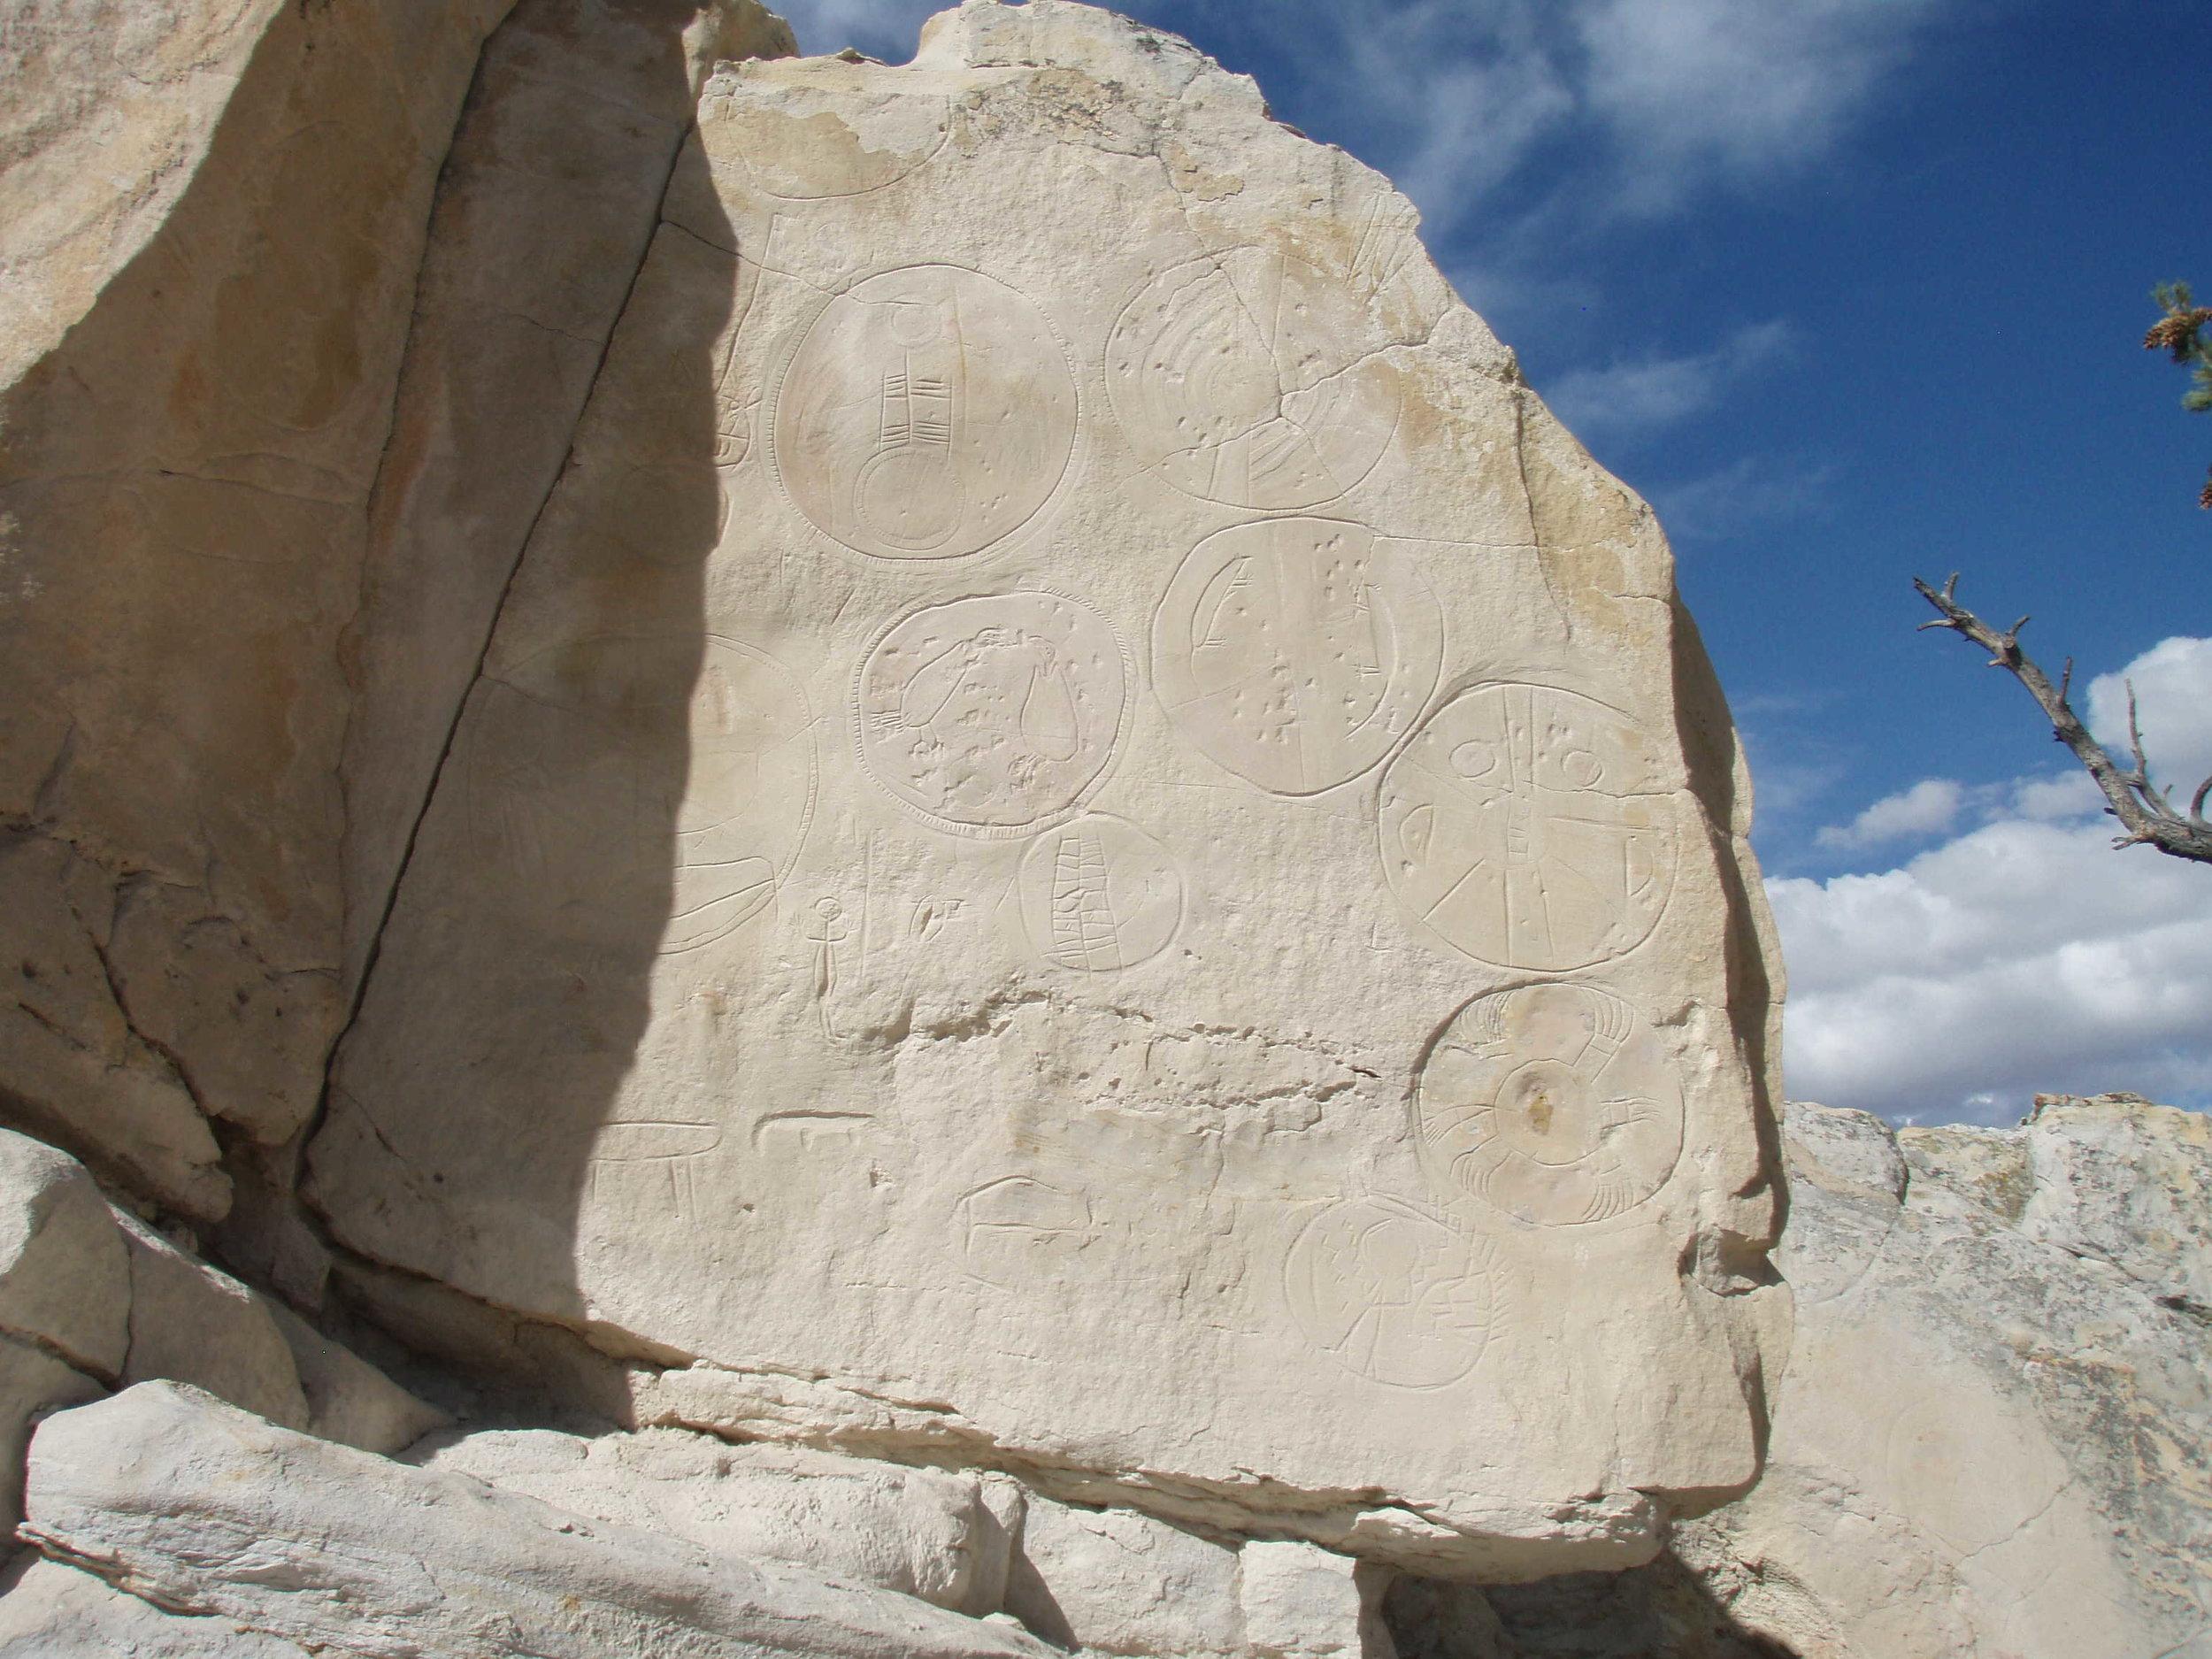 Indigenous Wyoming